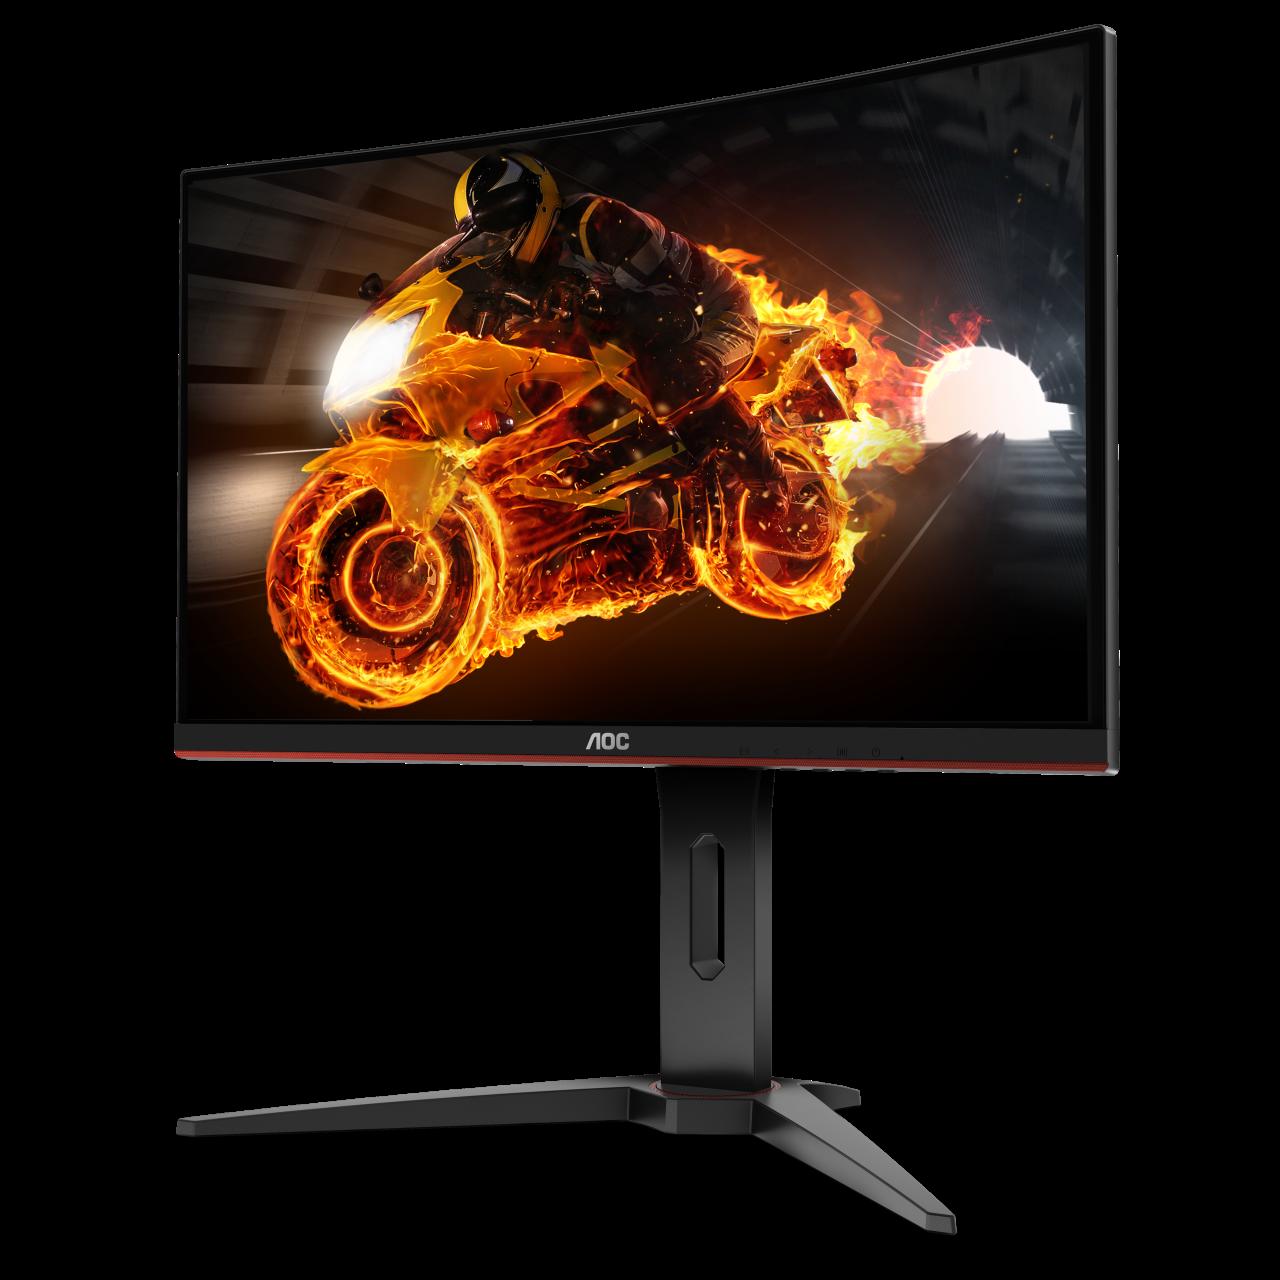 AOC presenta la nuova serie G1: tre monitor curvi dedicati al gaming (foto)